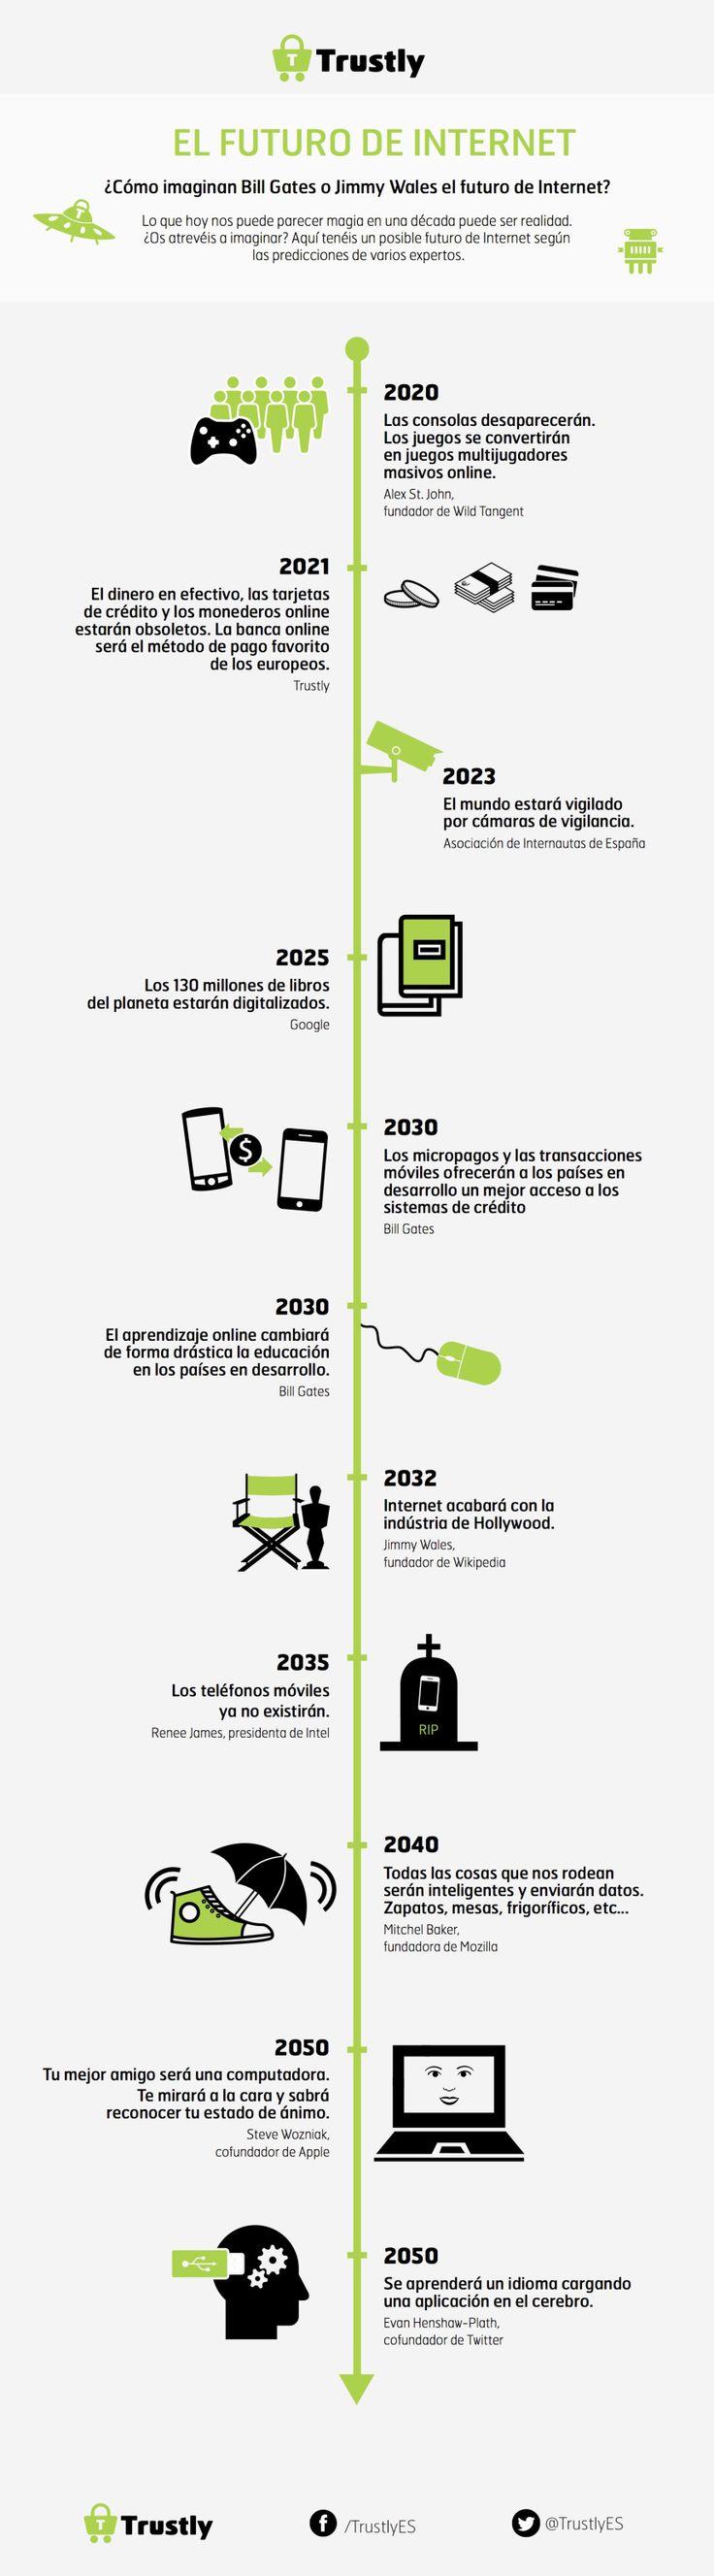 El futuro de #Internet #infografia #infographic | Repinned by @drbrunogallo